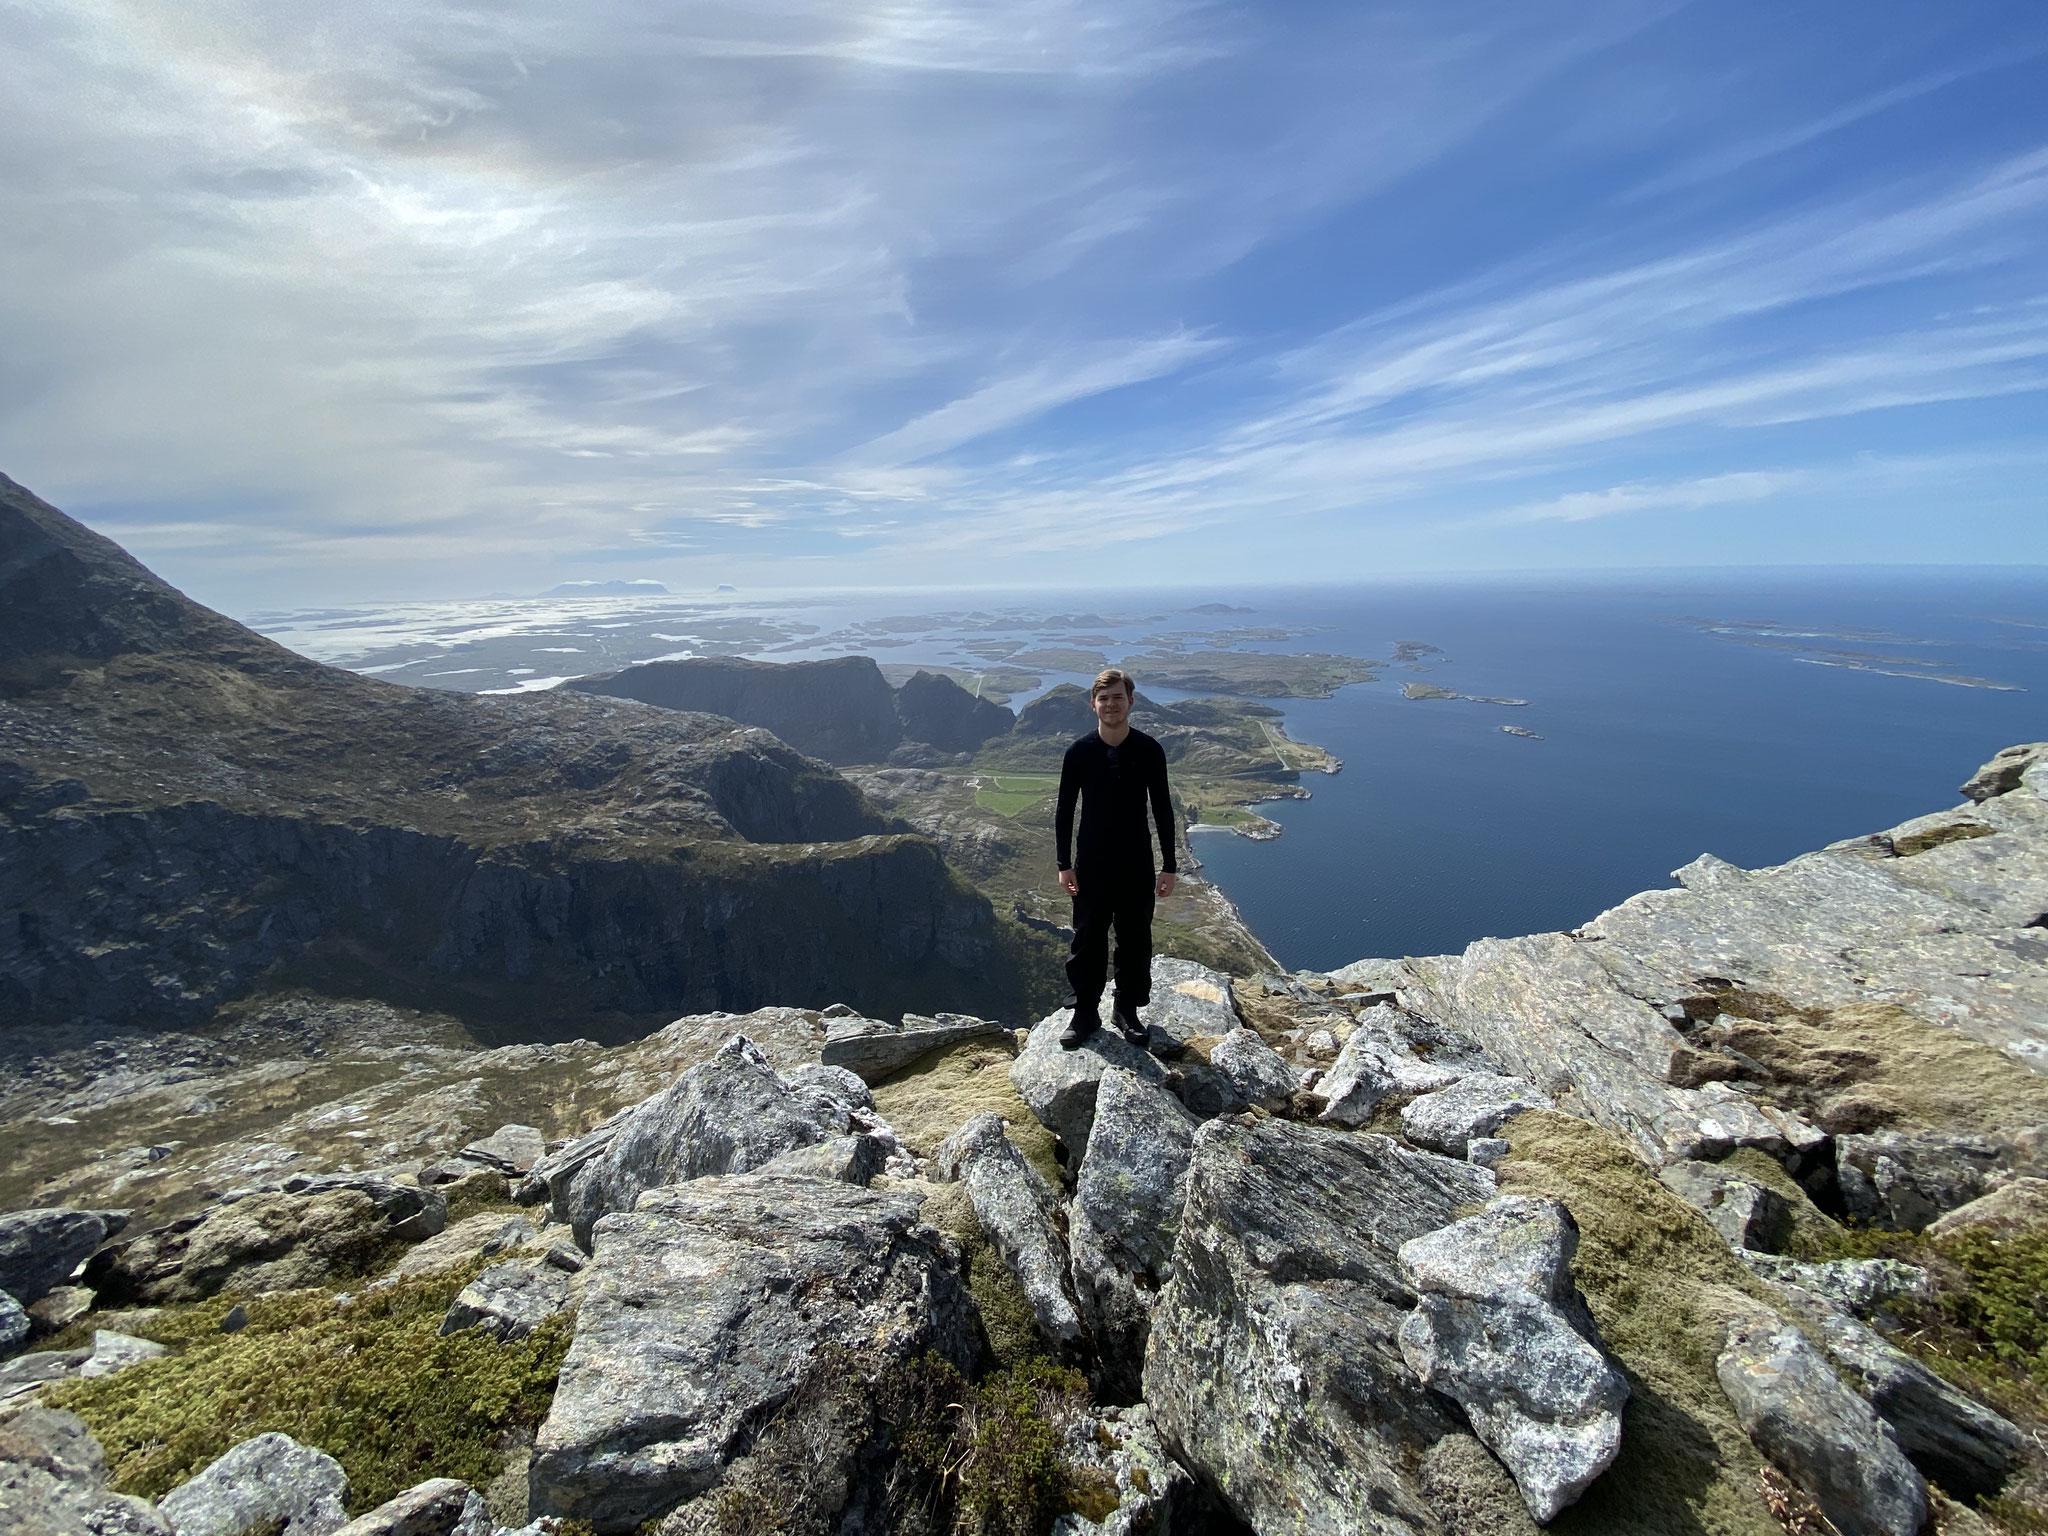 Der Urlaub auf der Insel Dønna wurde zum Wandern mit Meerblick genutzt